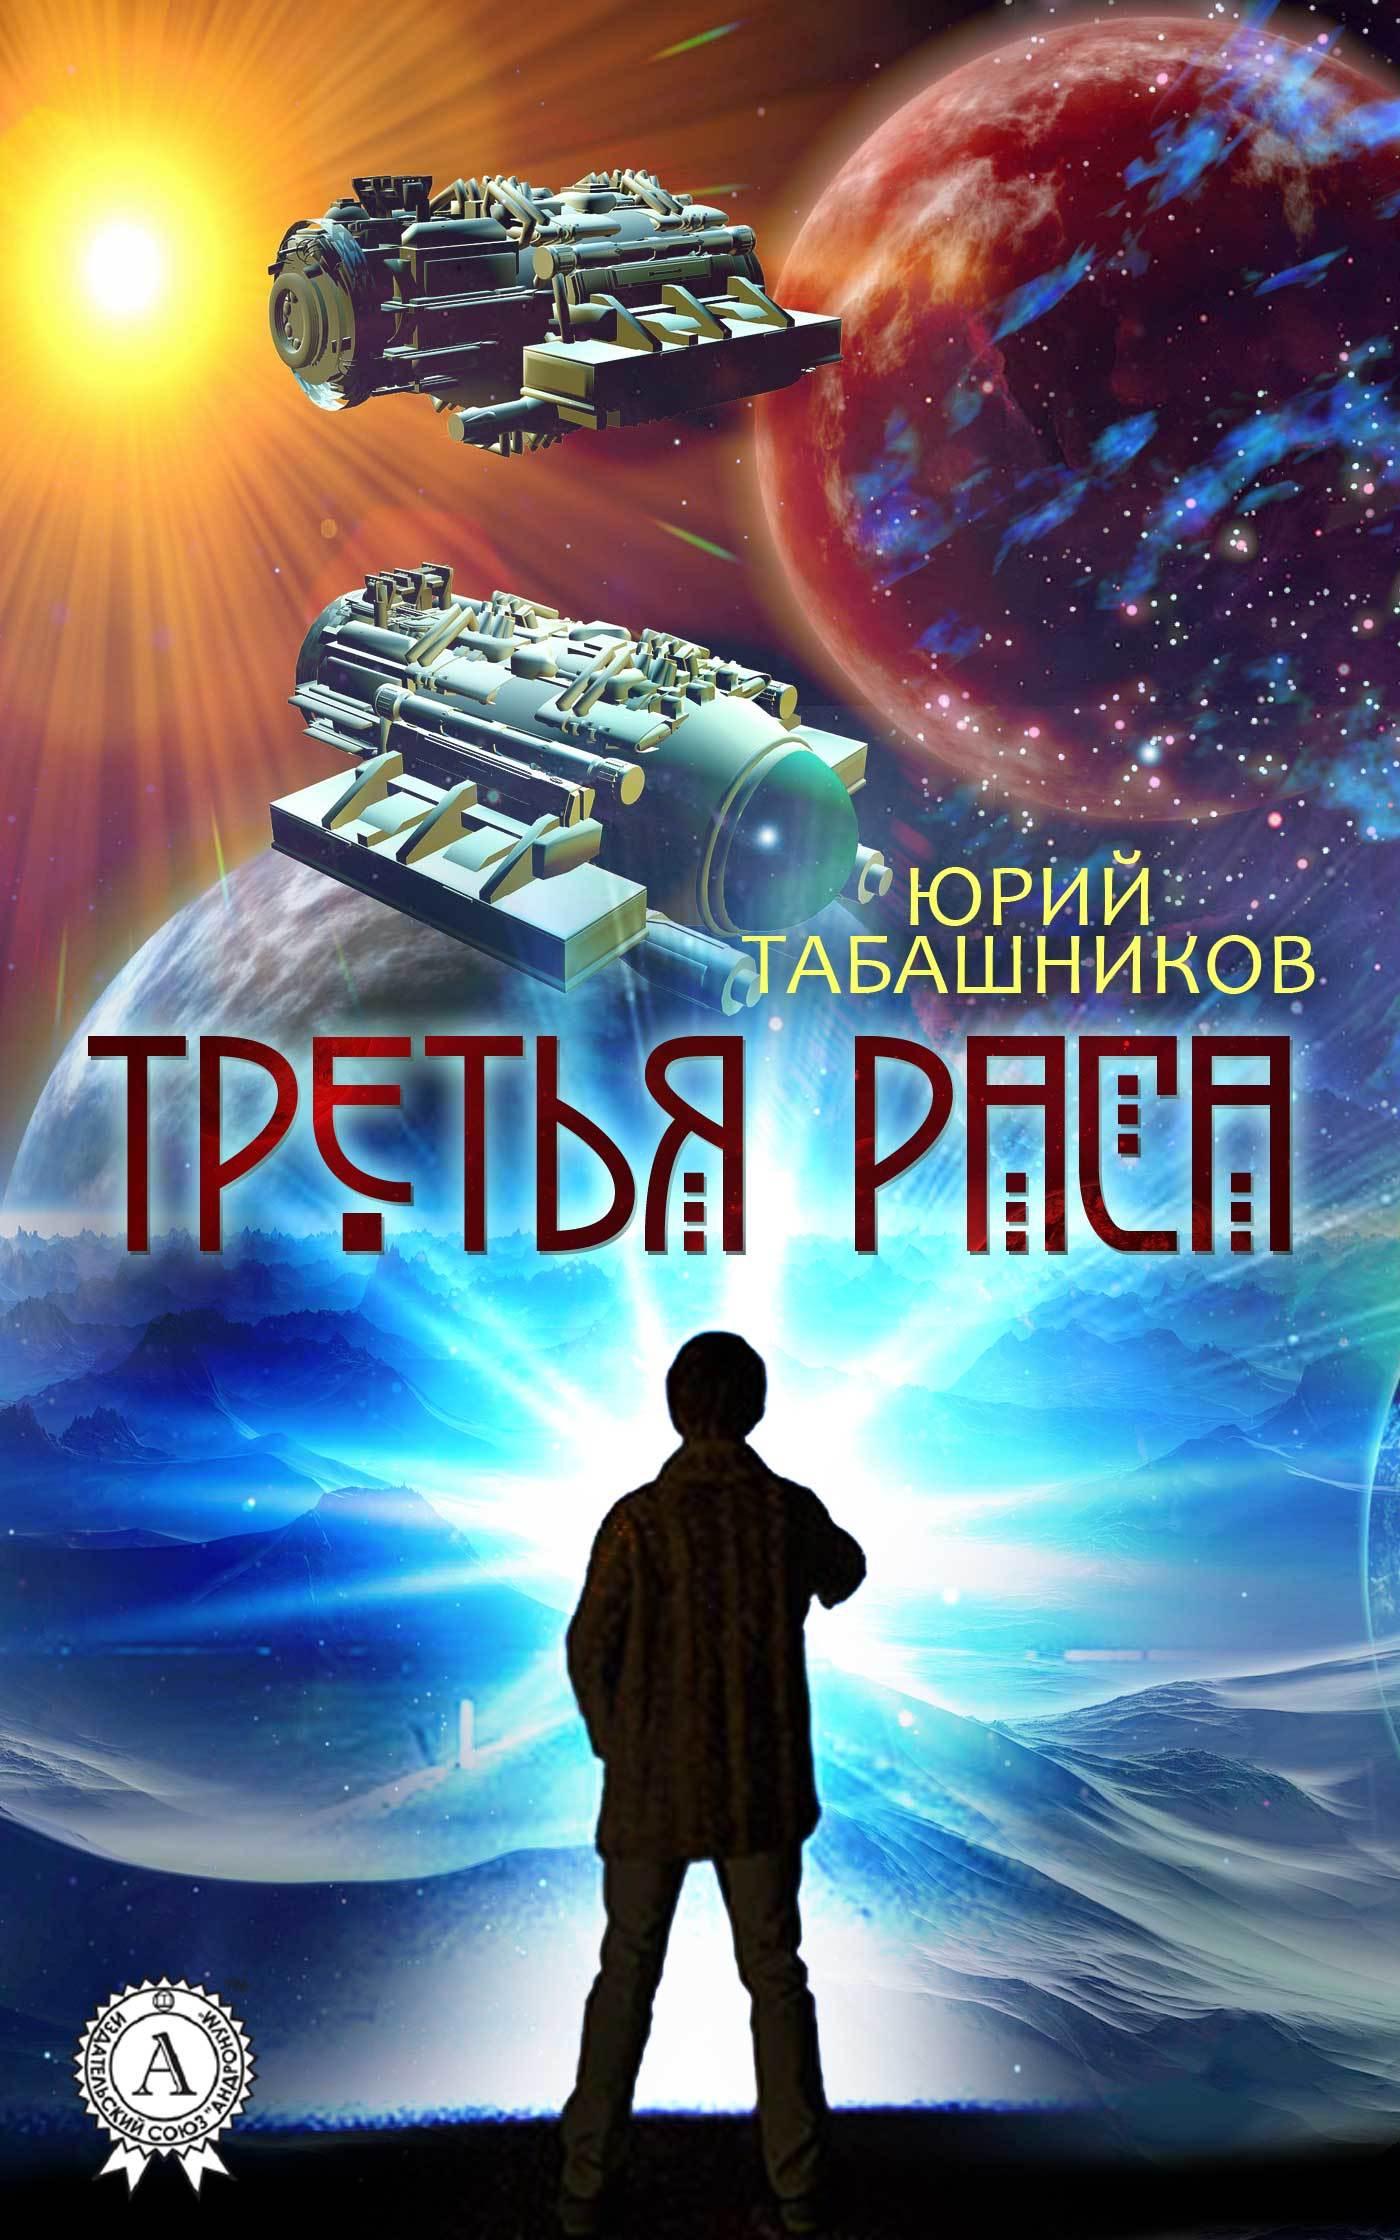 Юрий Табашников - Третья Раса